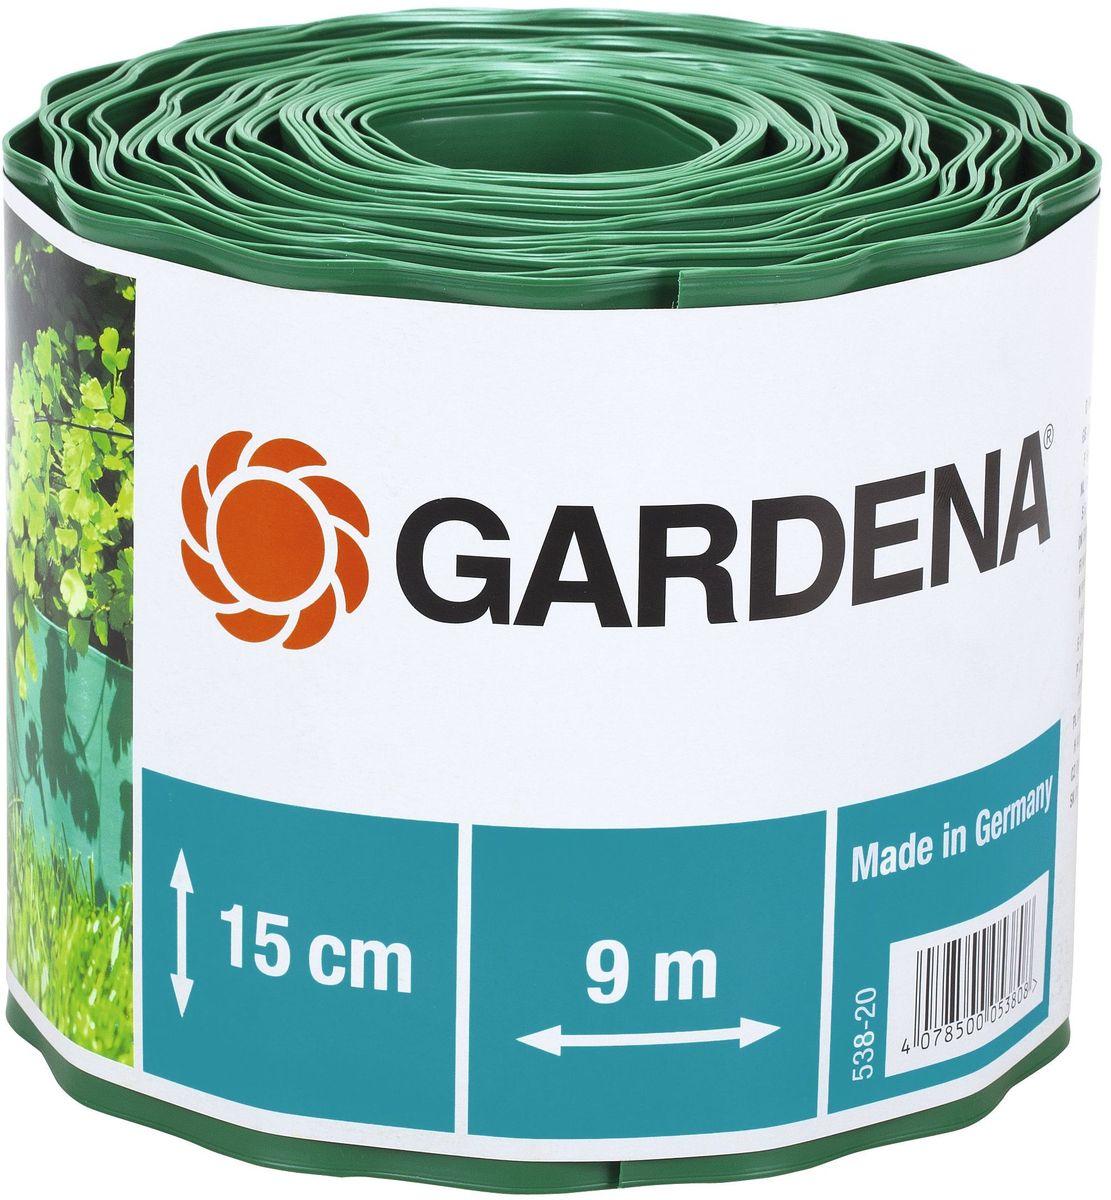 Бордюр декоративный Gardena, цвет: зеленый, ширина 15 см, длина 9 м00538-20.000.00Декоративный бордюр Gardena, выполненный из высококачественного пластика, обеспечивает чистоту краев газона. Изделие позволяет добиться порядка на участке, предотвращая распространение корней и чрезмерный рост растительности, отделяя при этом газон от грядок. В рулоне 9 м бордюра высотой 15 см.